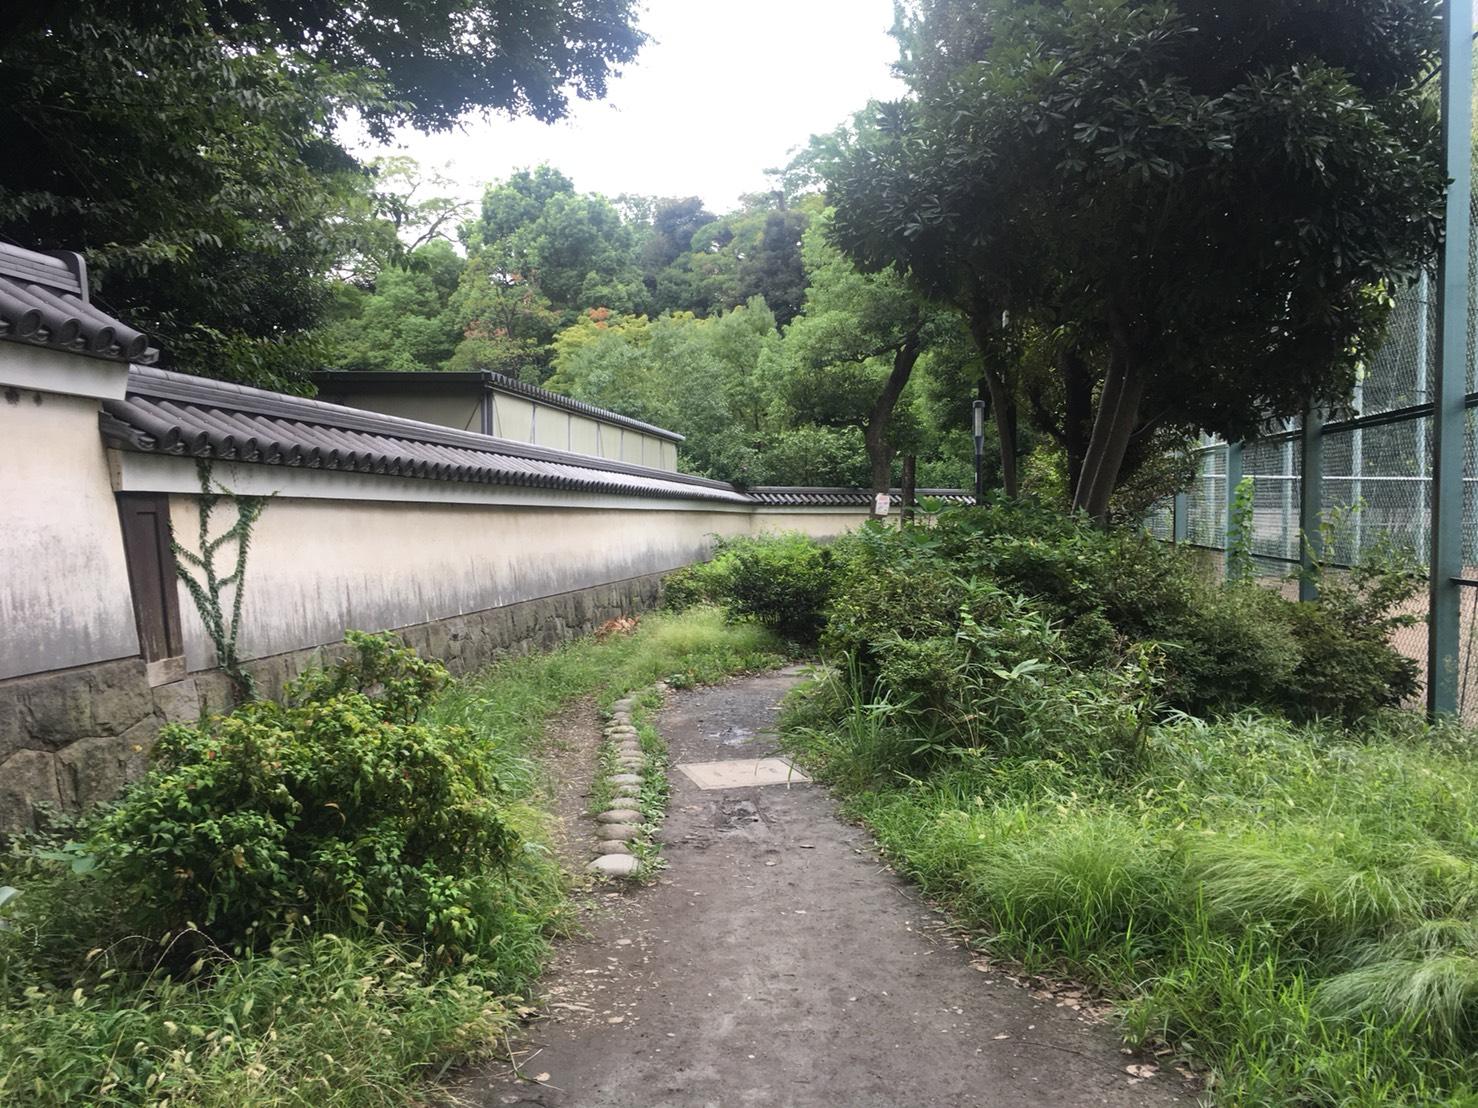 【飯田橋駅】江戸時代の中国趣味豊かな景観で一句「小石川後楽園」の小石川後楽園の裏